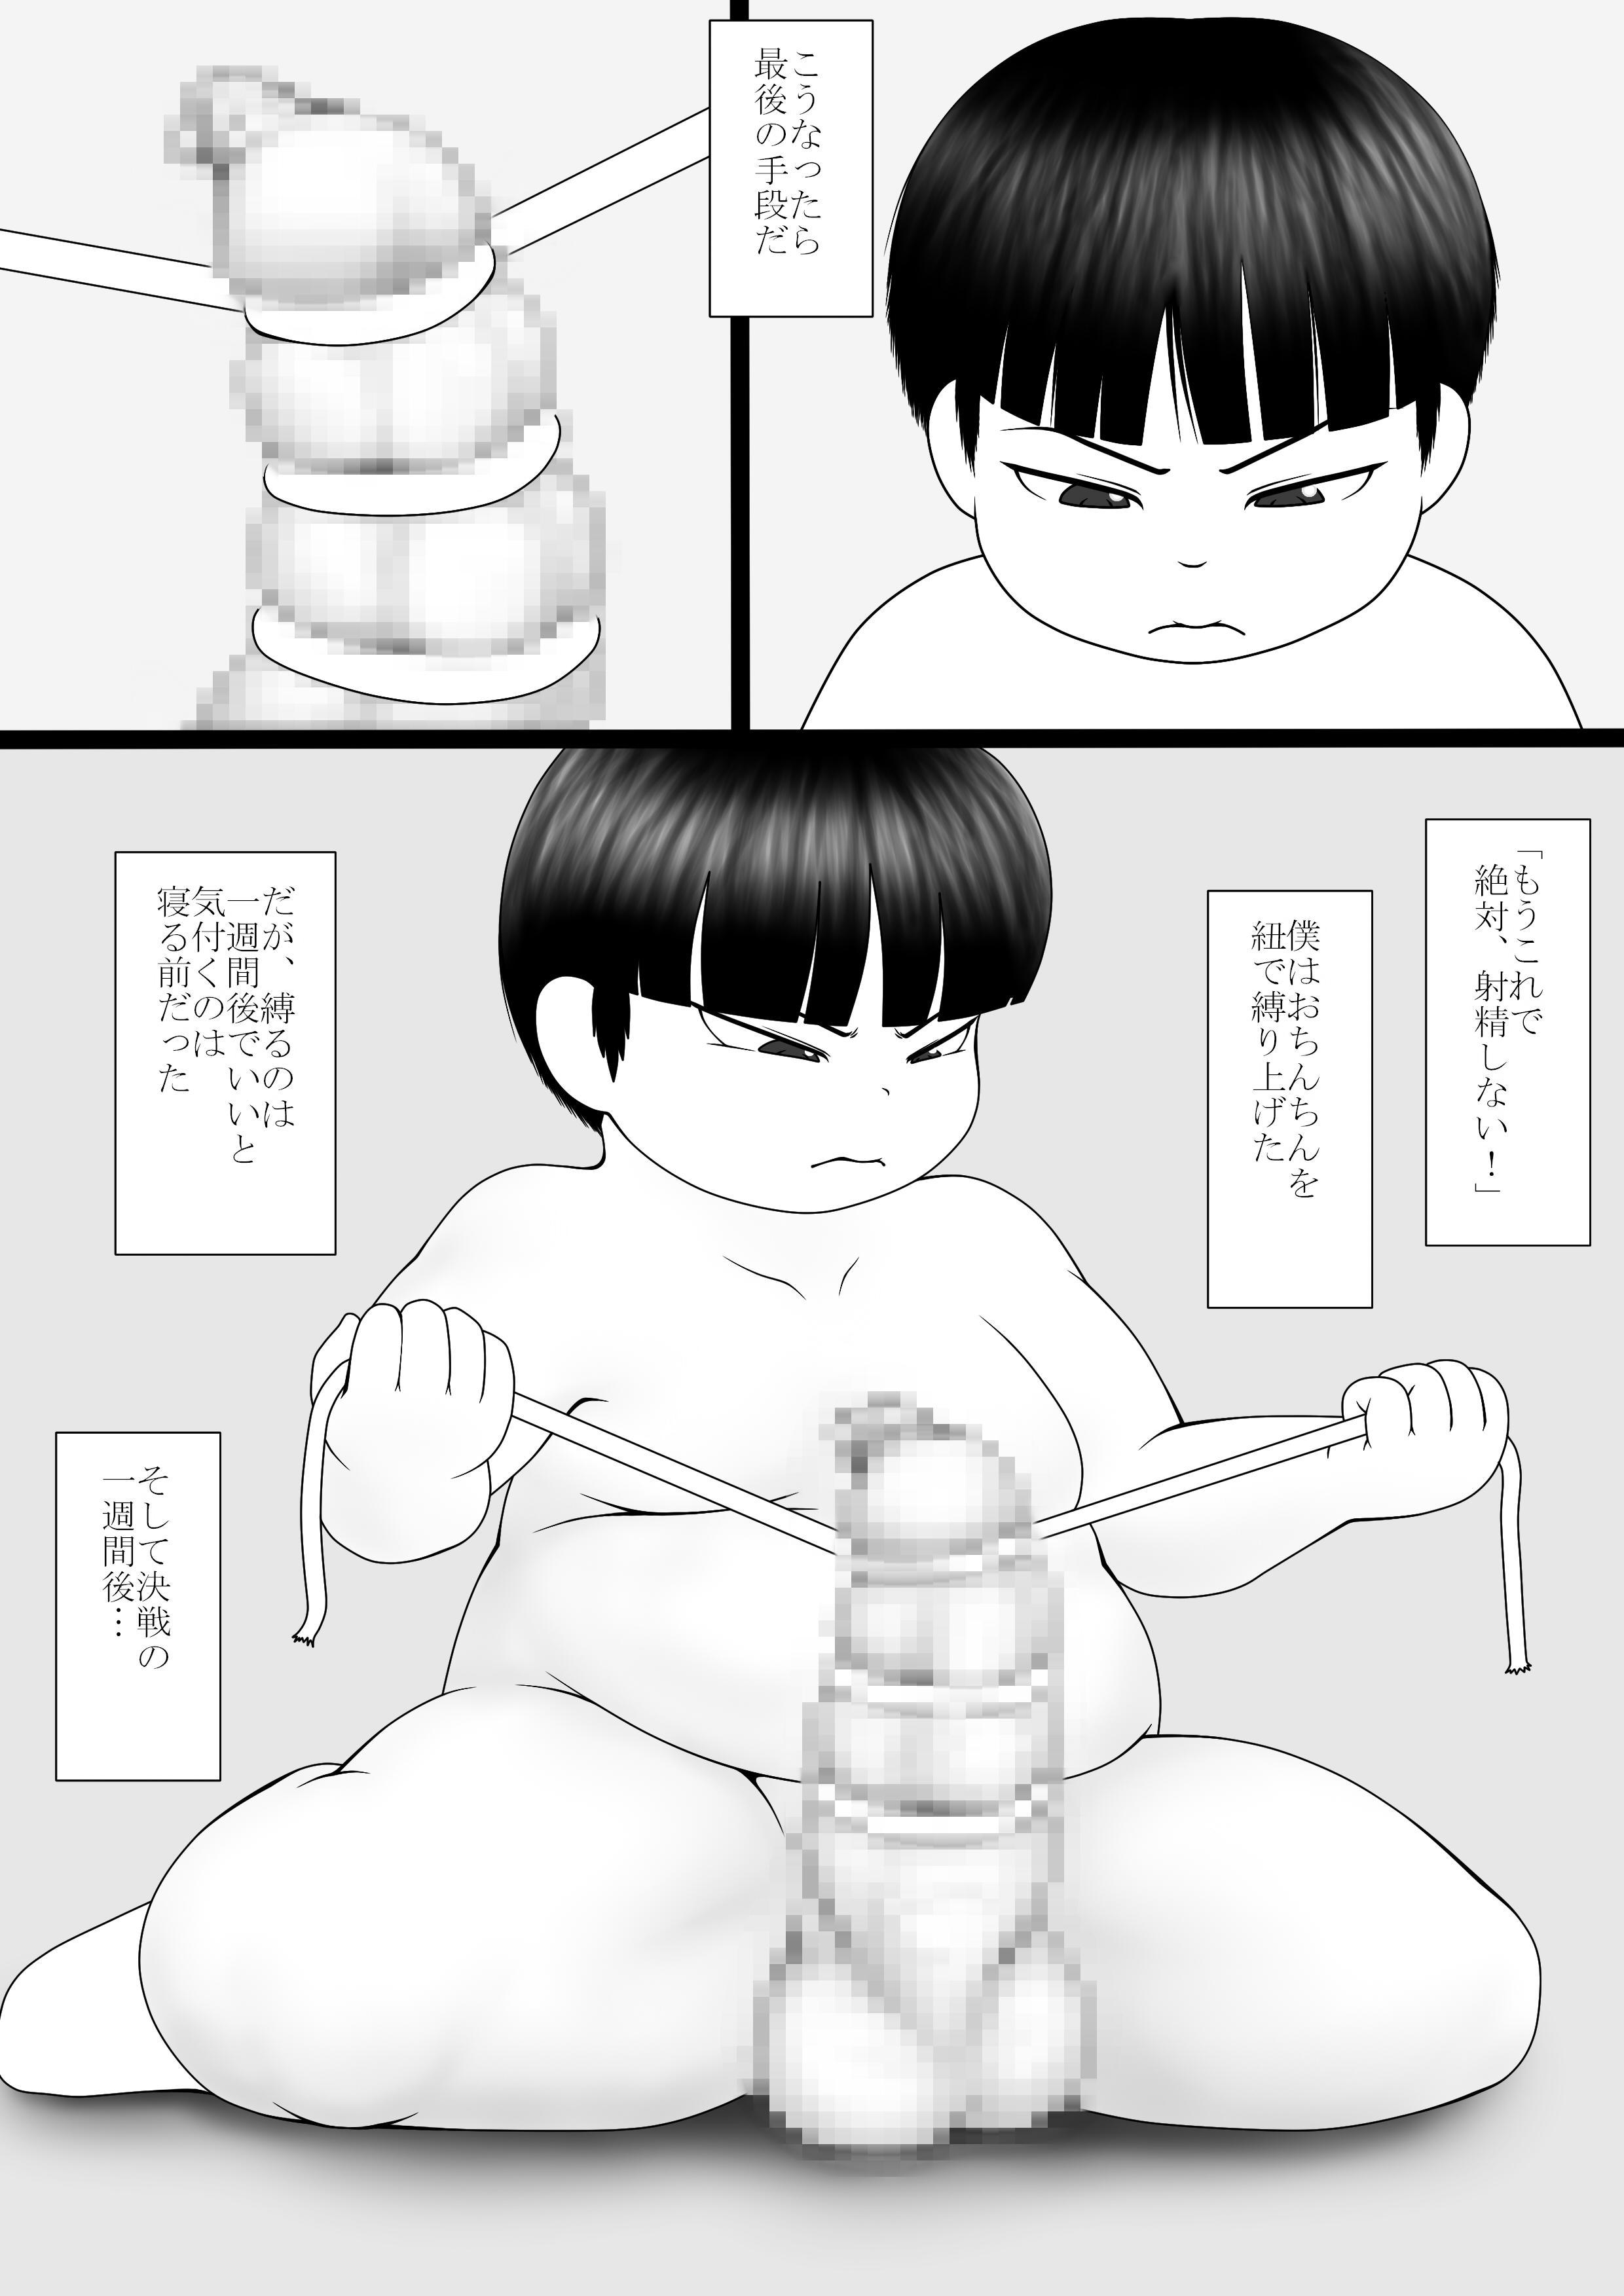 Boku Wa Futanari San Ni Nanrakano Kōgeki O Uke Te Iru 11